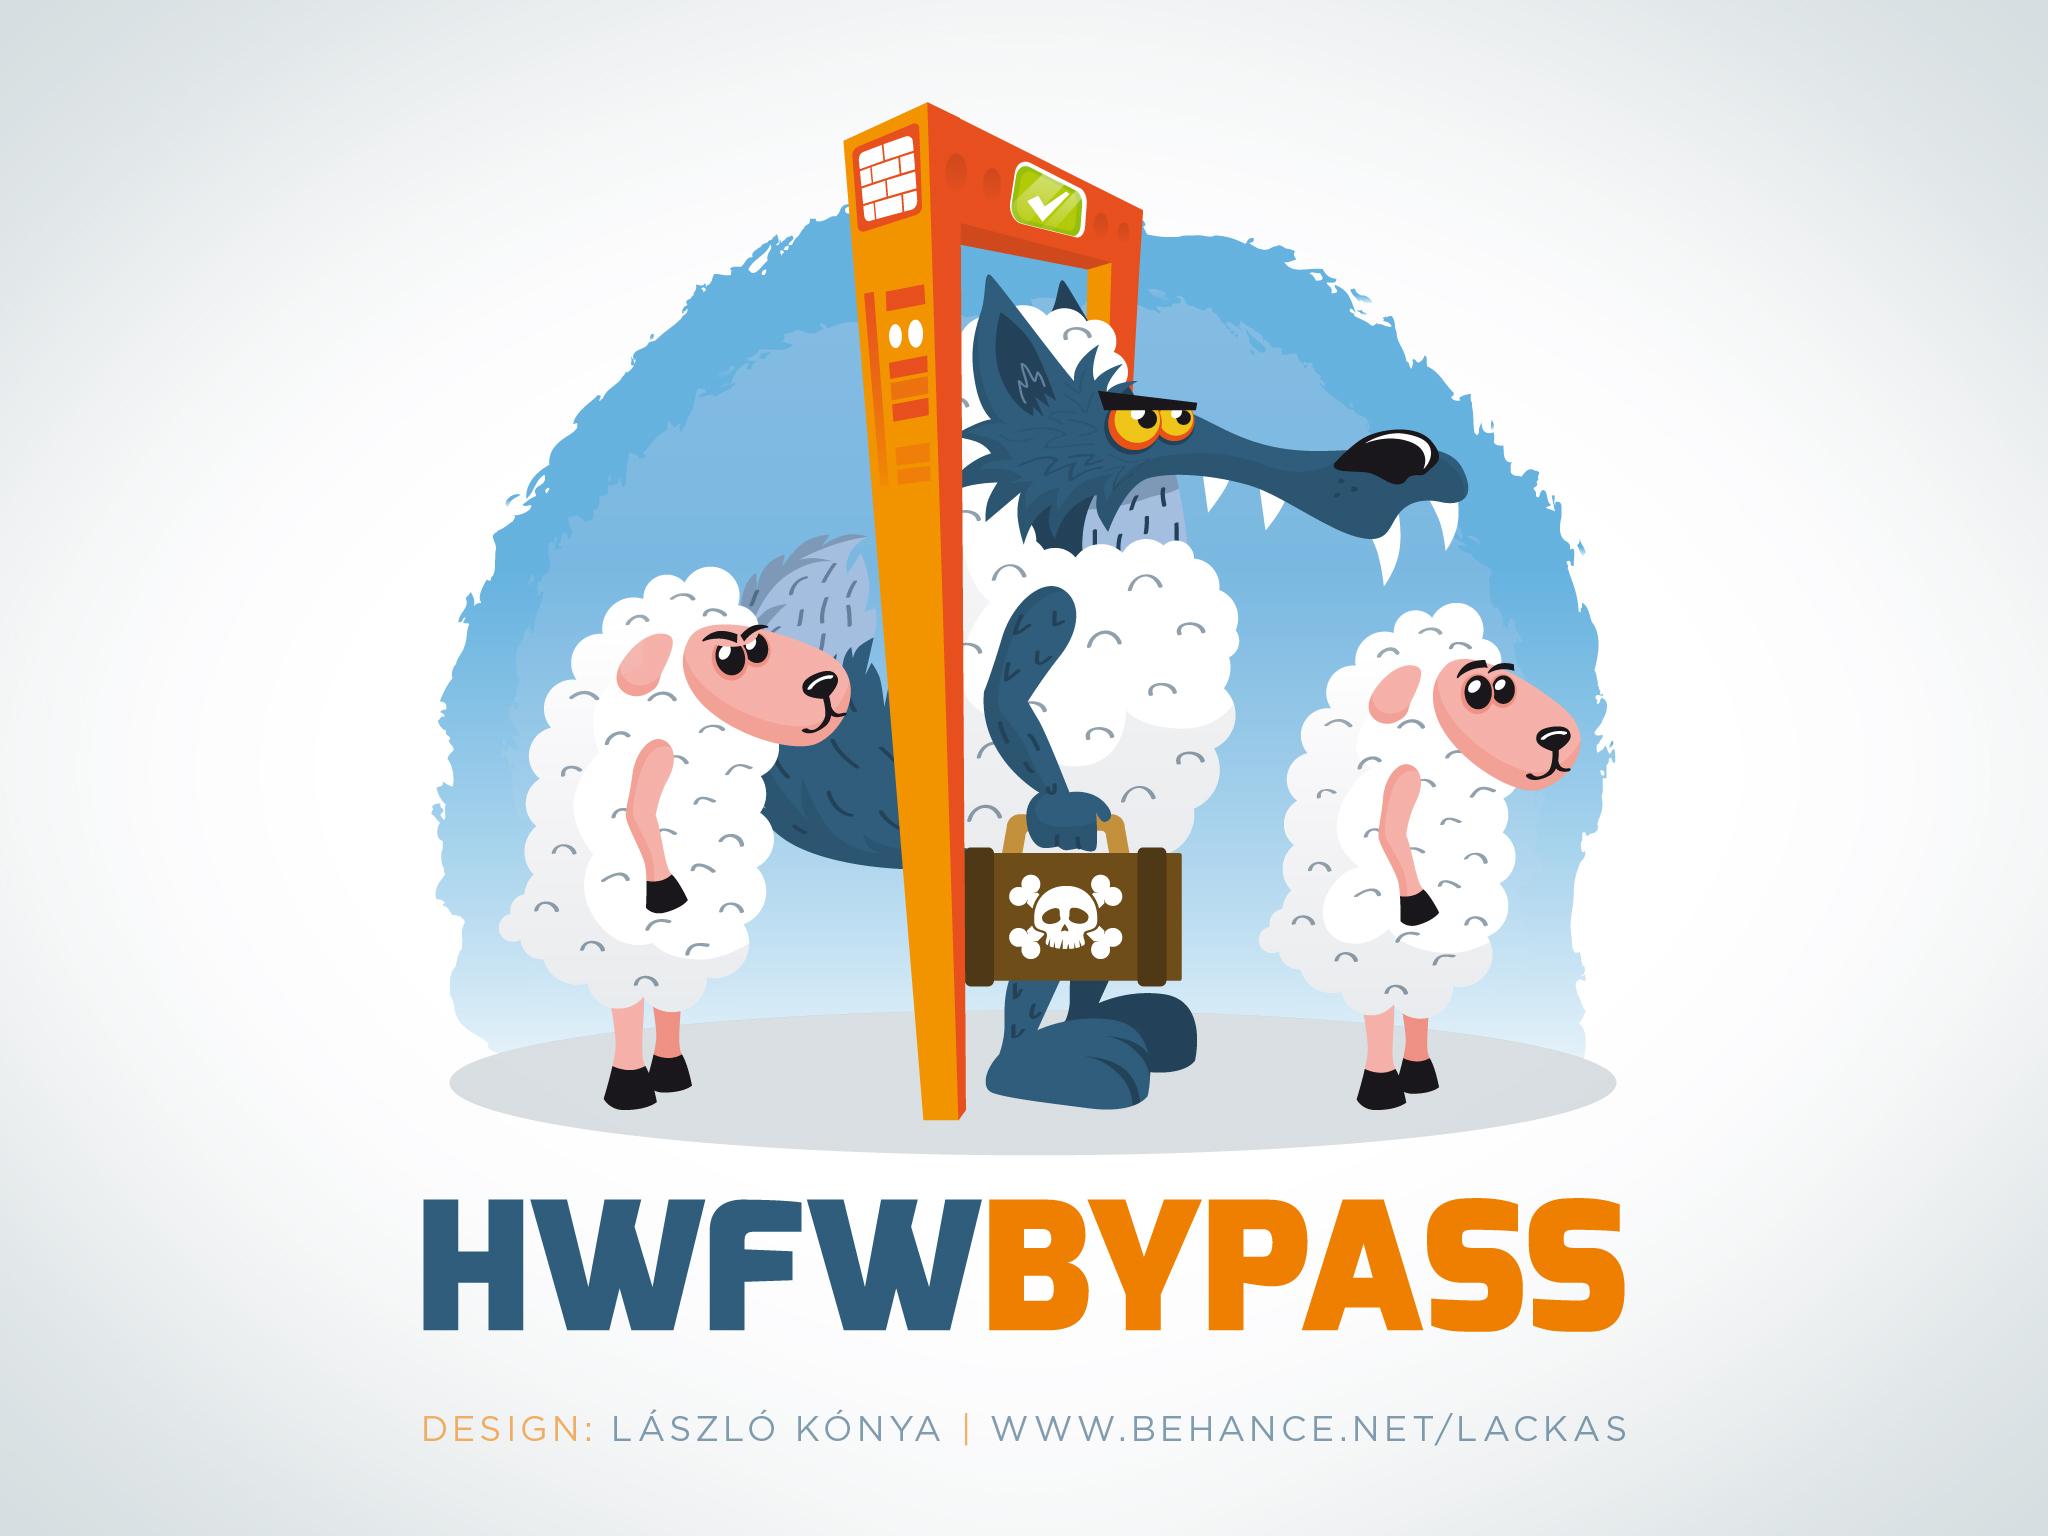 hwfwbypass